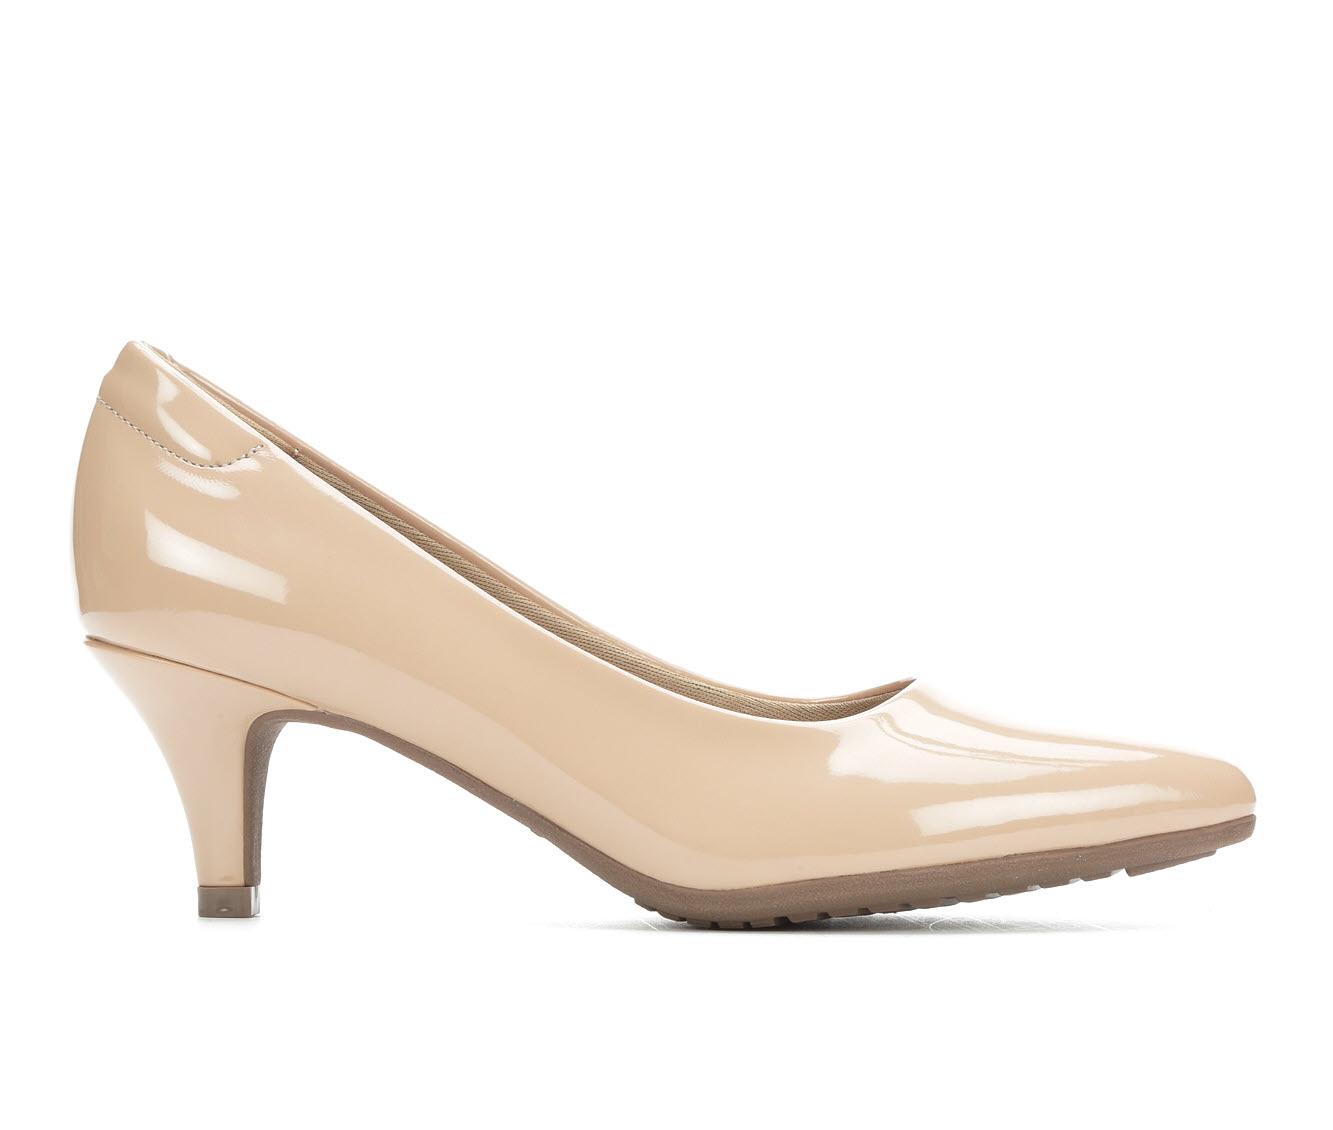 Andiamo Brenda Women's Dress Shoe (Beige Faux Leather)